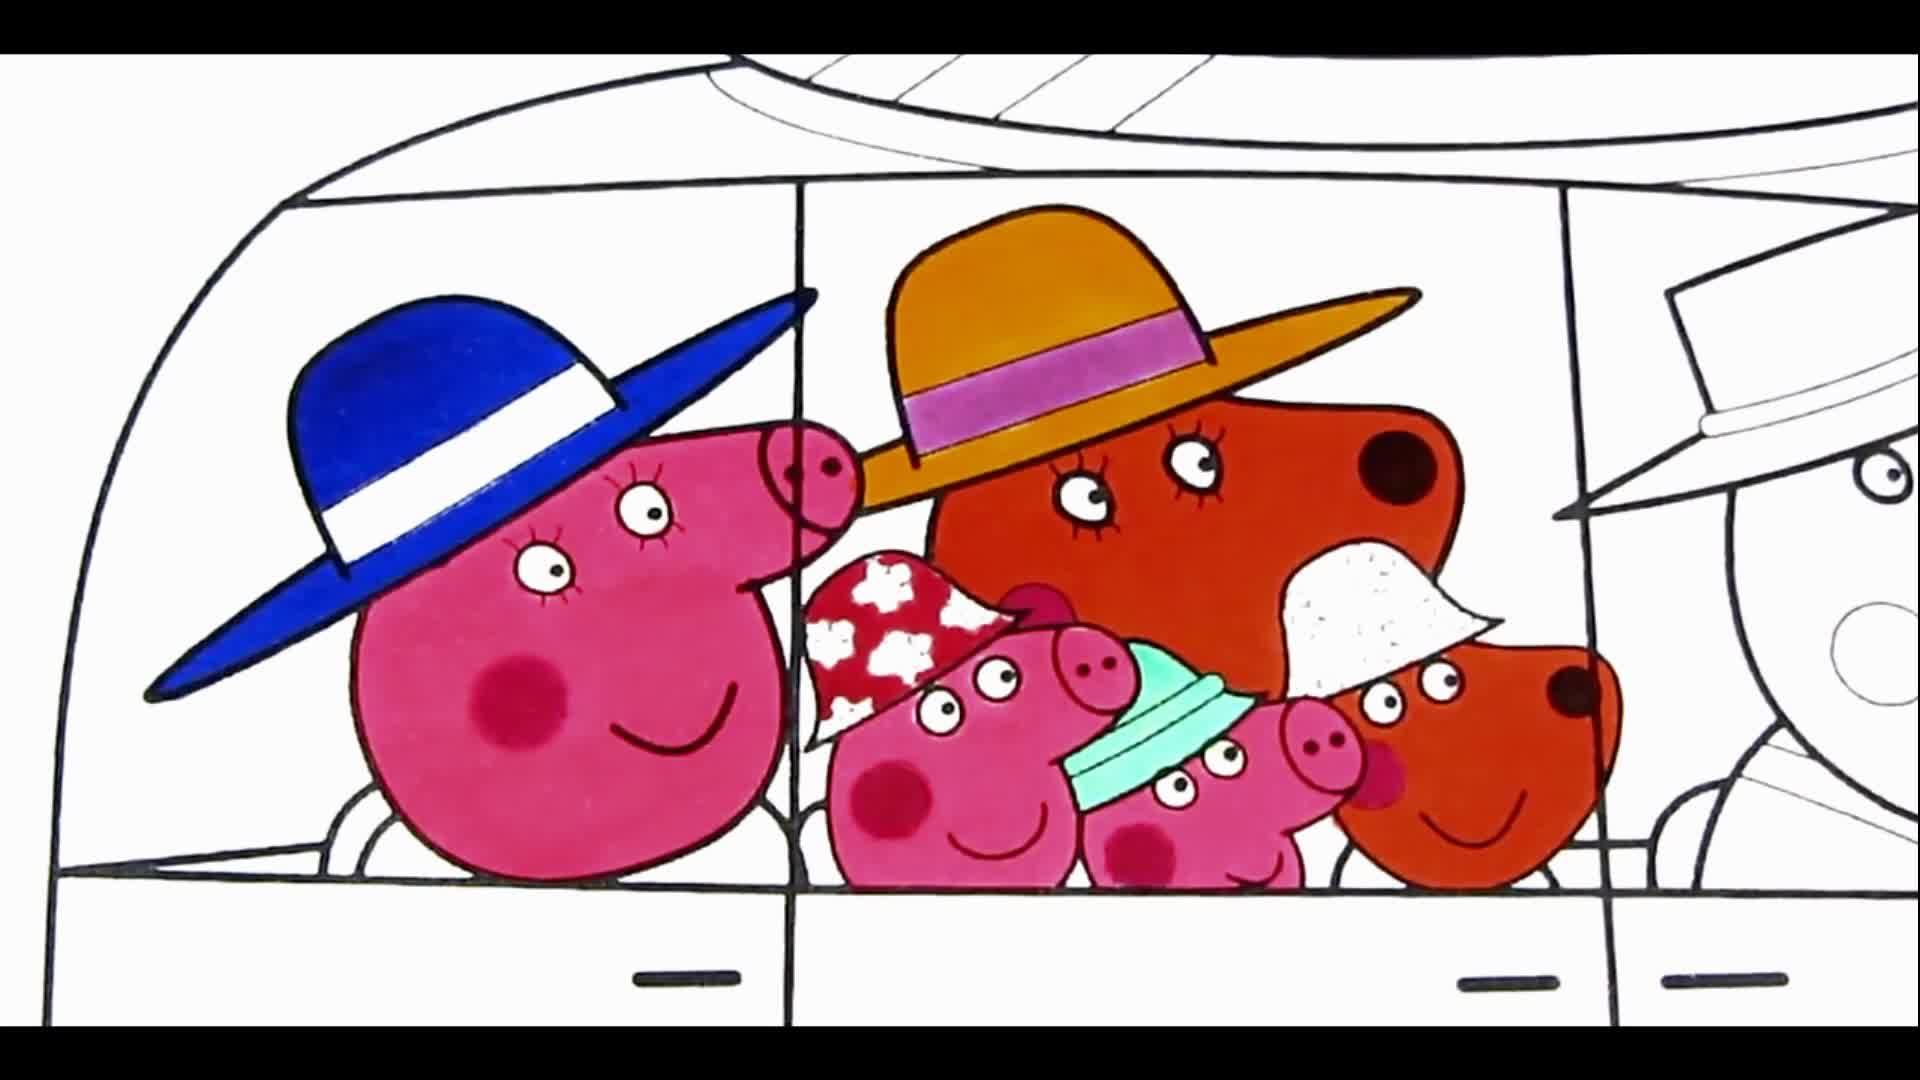 小猪佩奇创意绘画涂鸦 佩佩猪早教视频